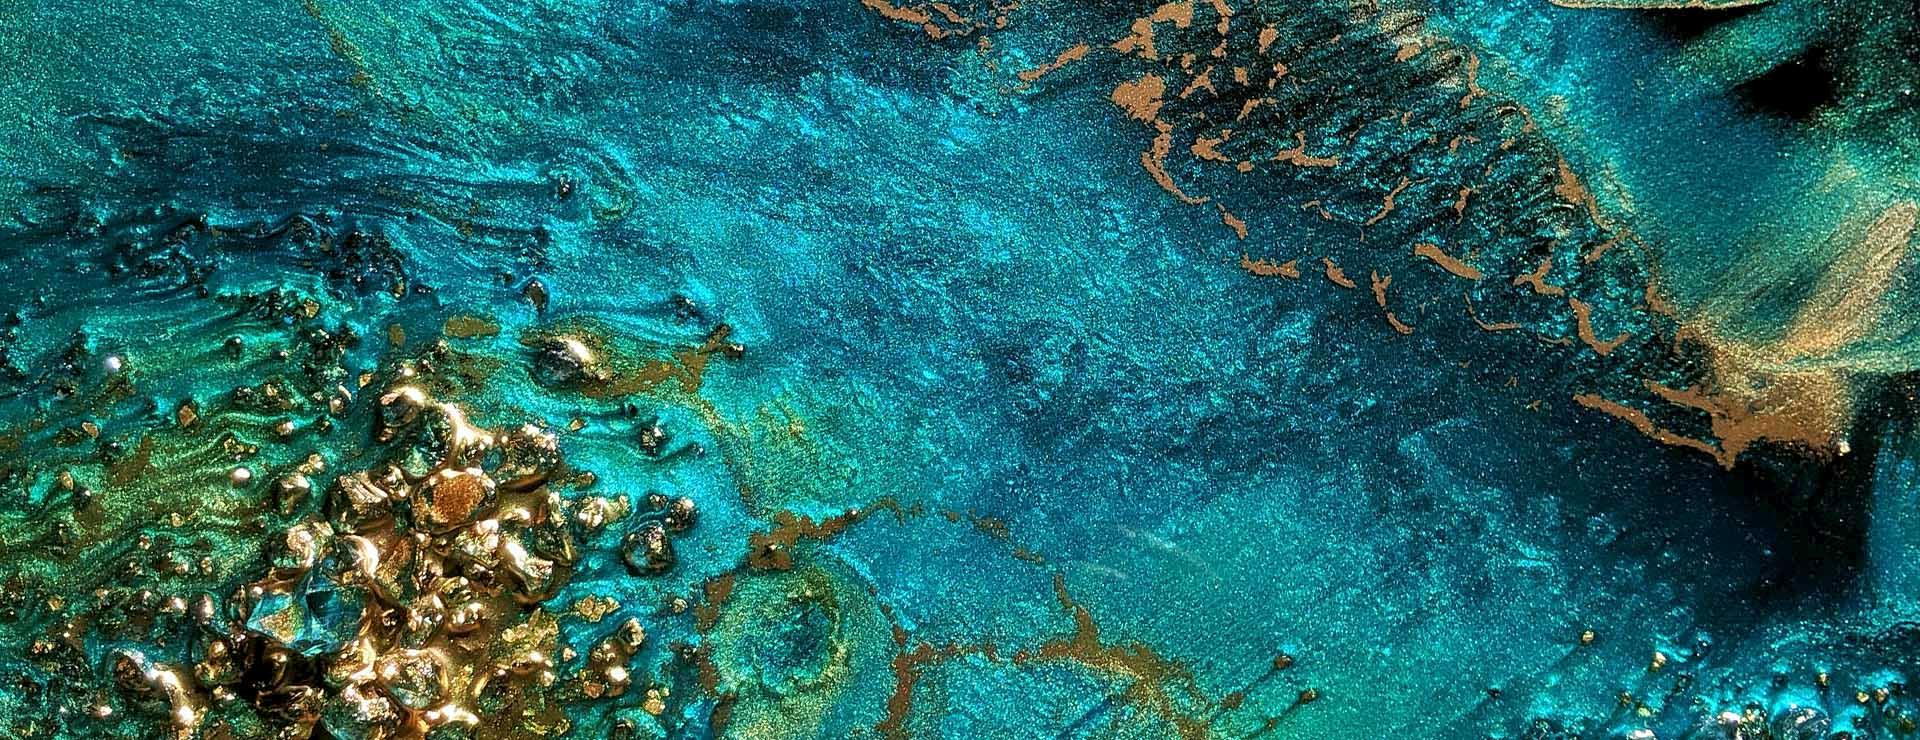 Copper Reef